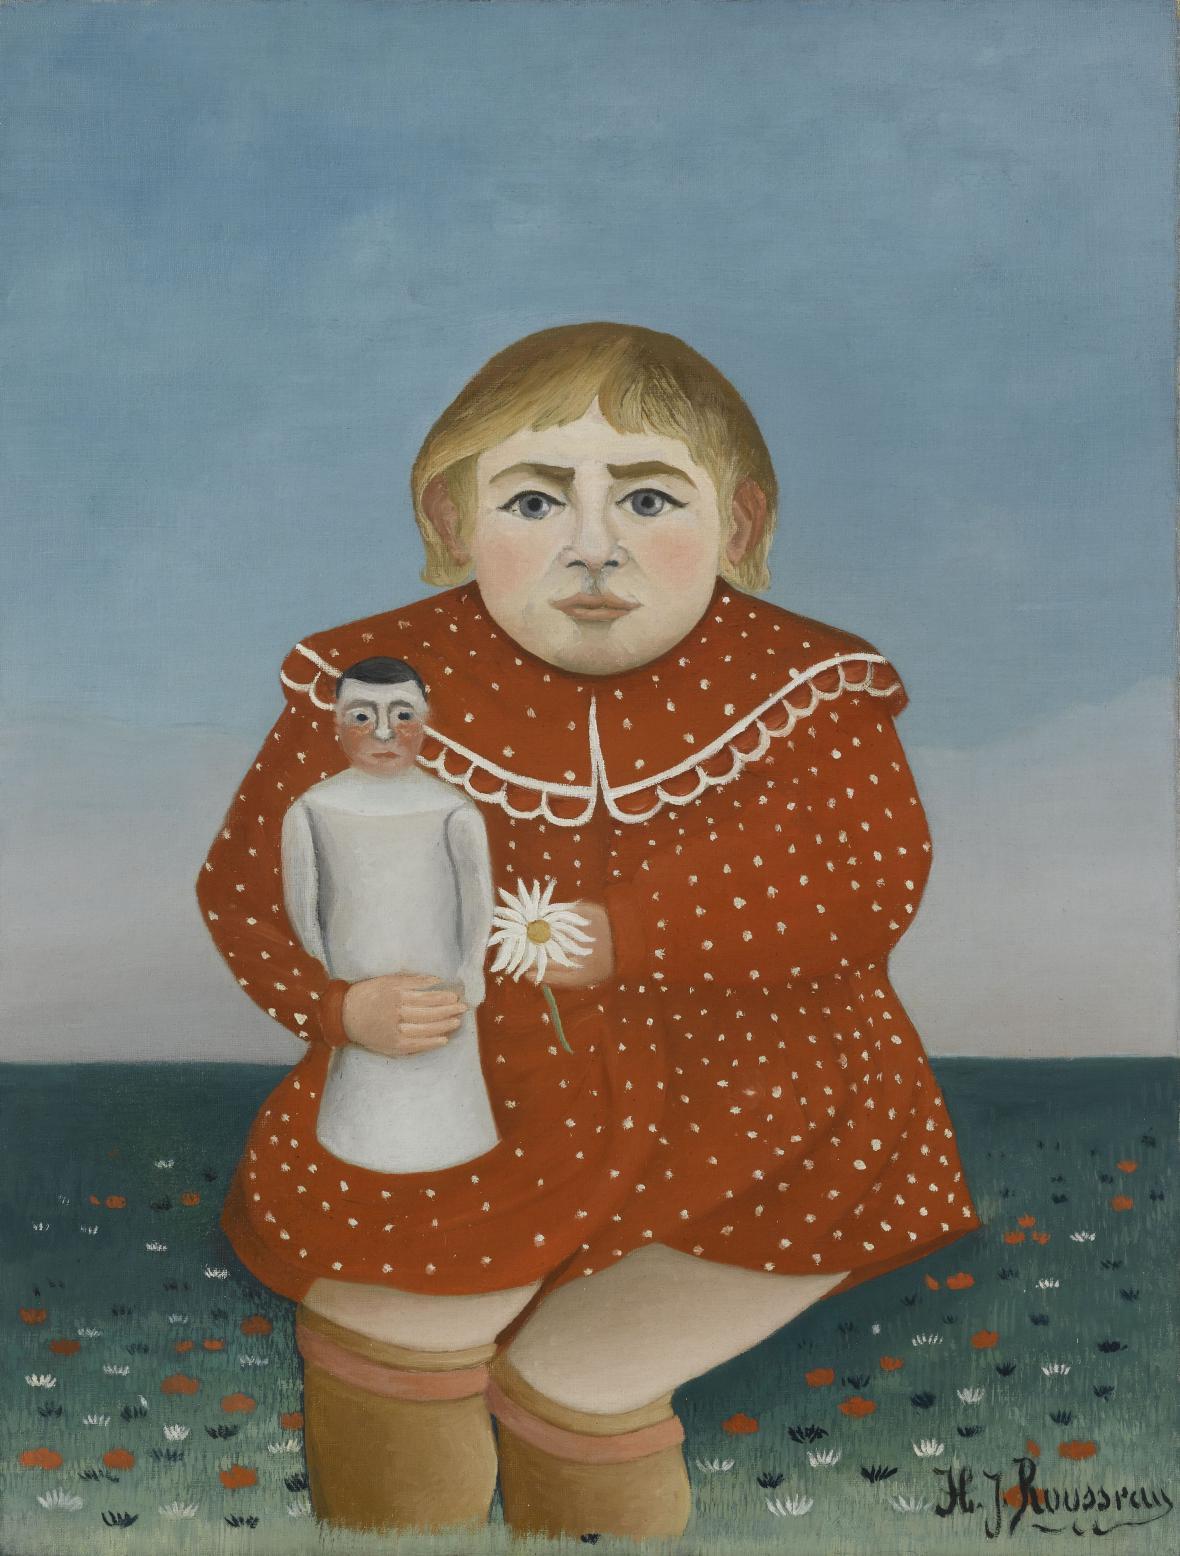 Henri Rousseau / Děvčátko s panenkou, 1904–1905